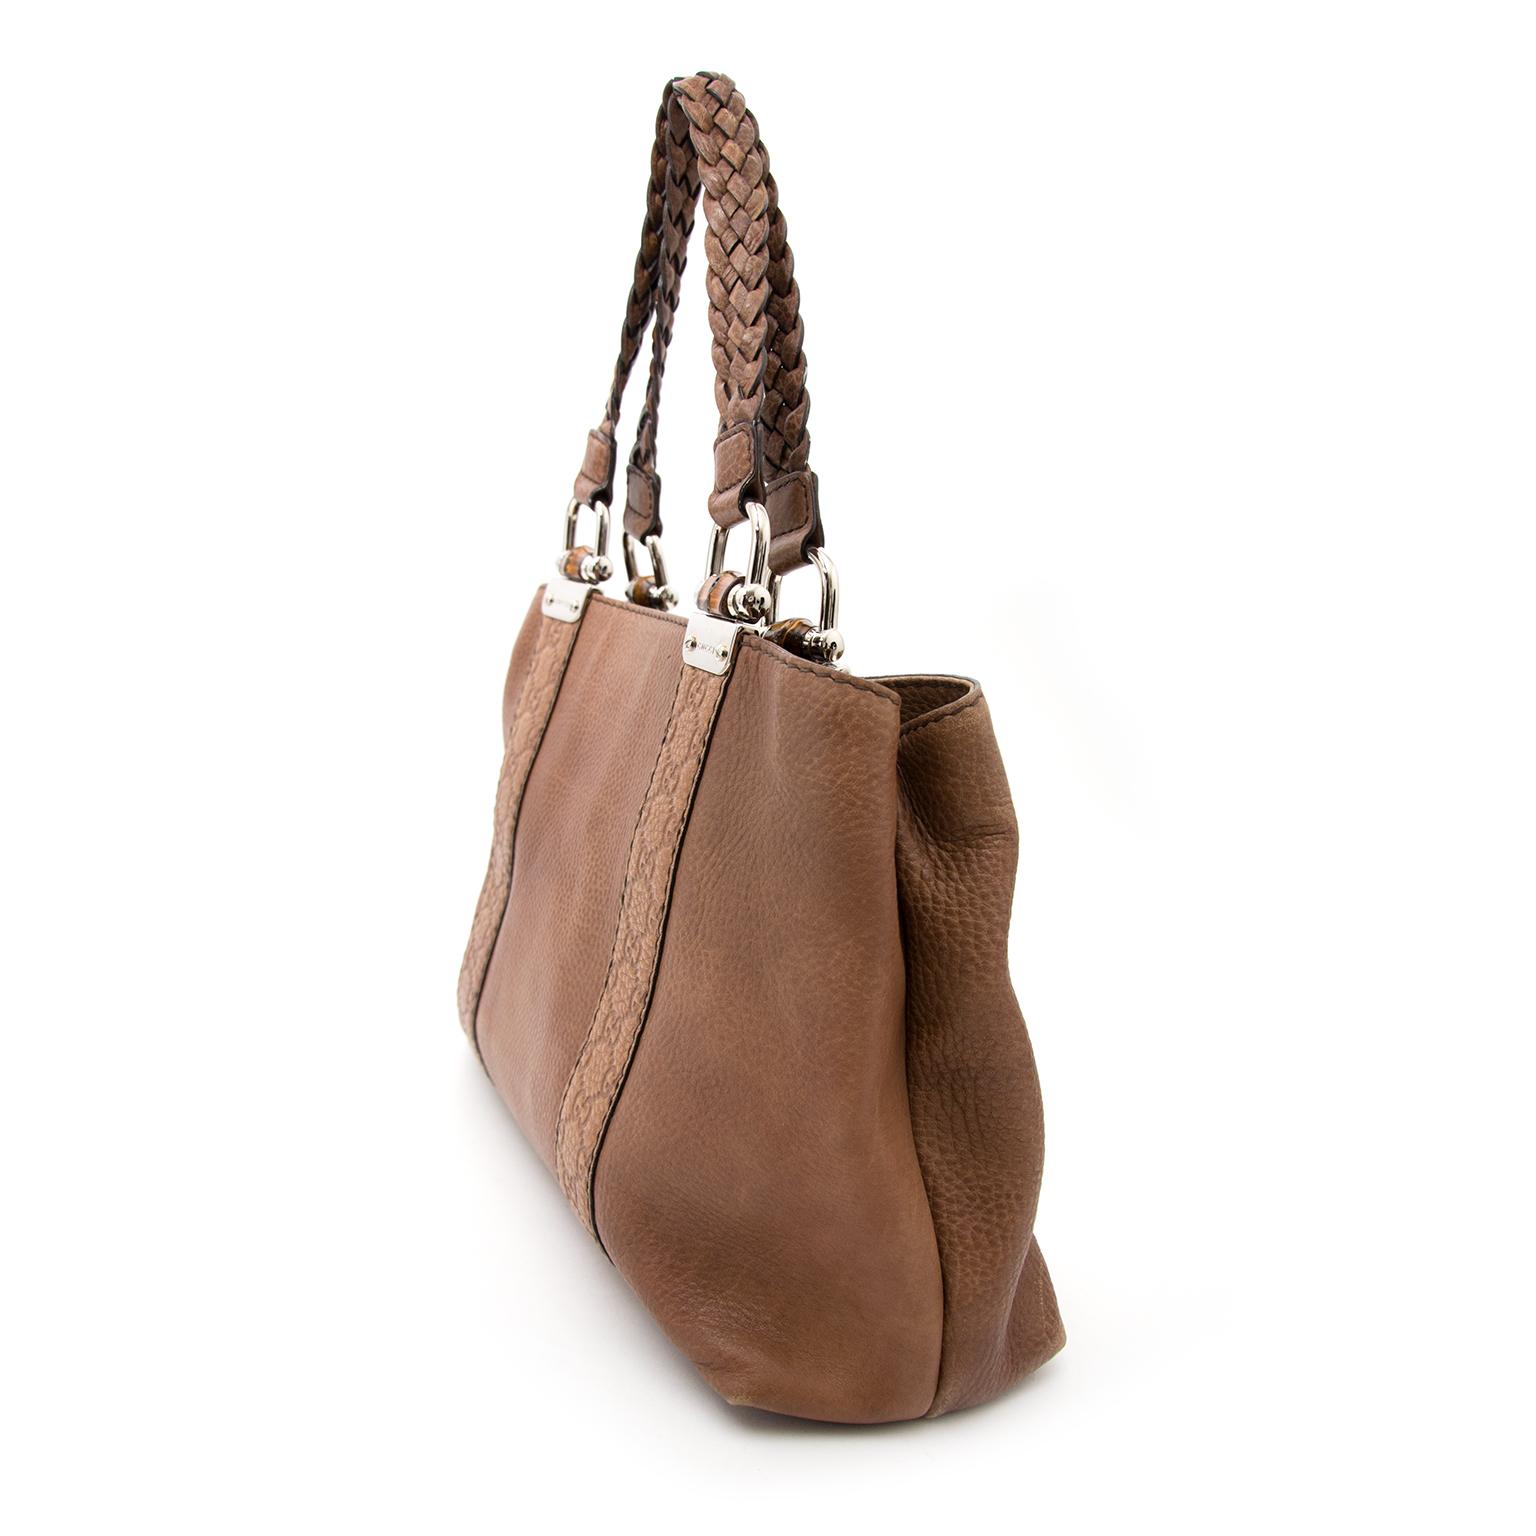 op zoek naar een tweedehands designer handtas aan de beste prijs ?